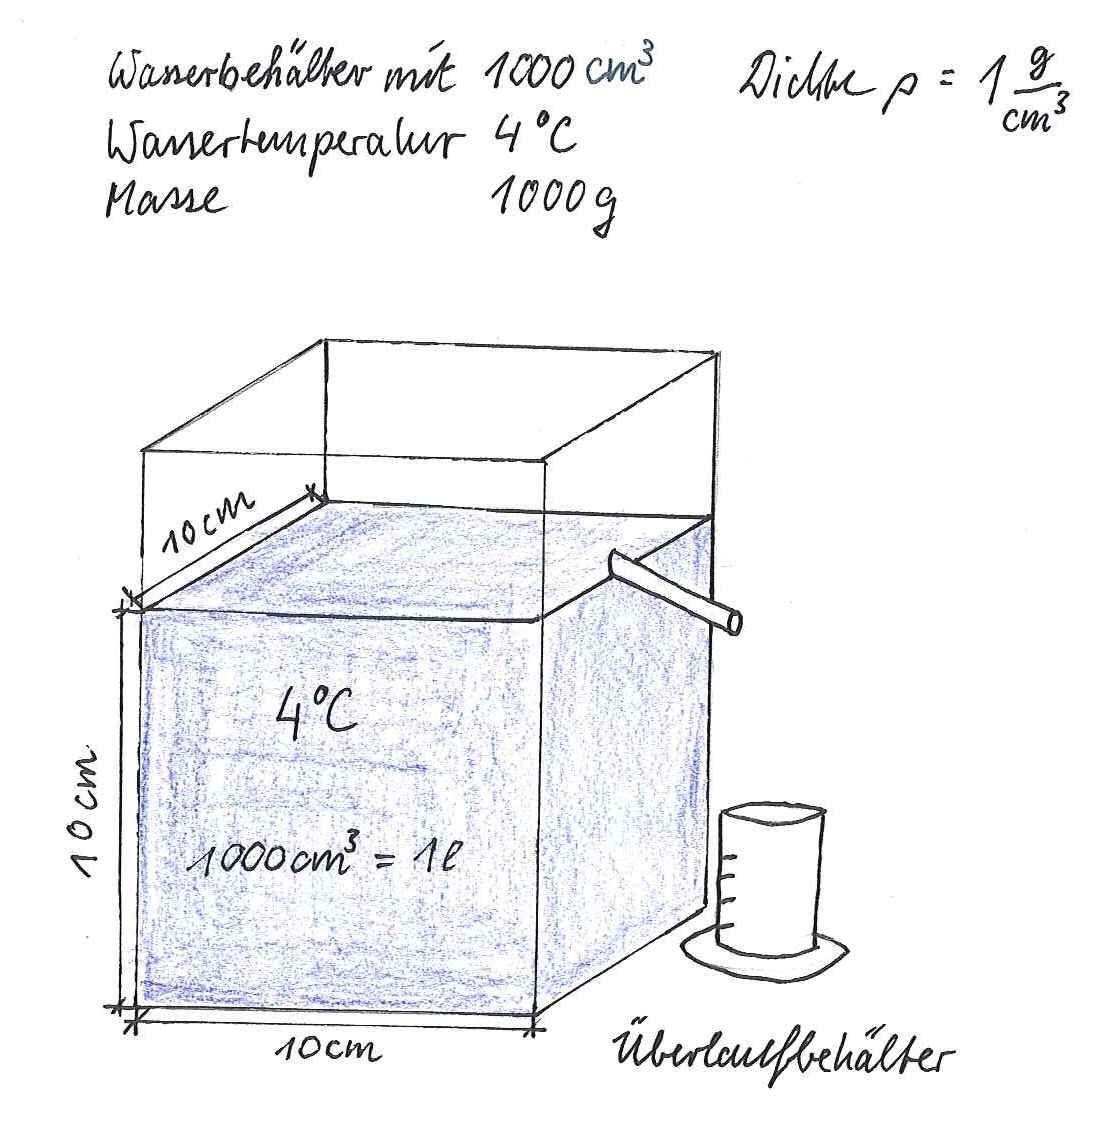 Dichte Des Wassers Betragt Bei 4 C 1 G Cm Das Hei T Cm Wasser 1 Liter Haben Eine